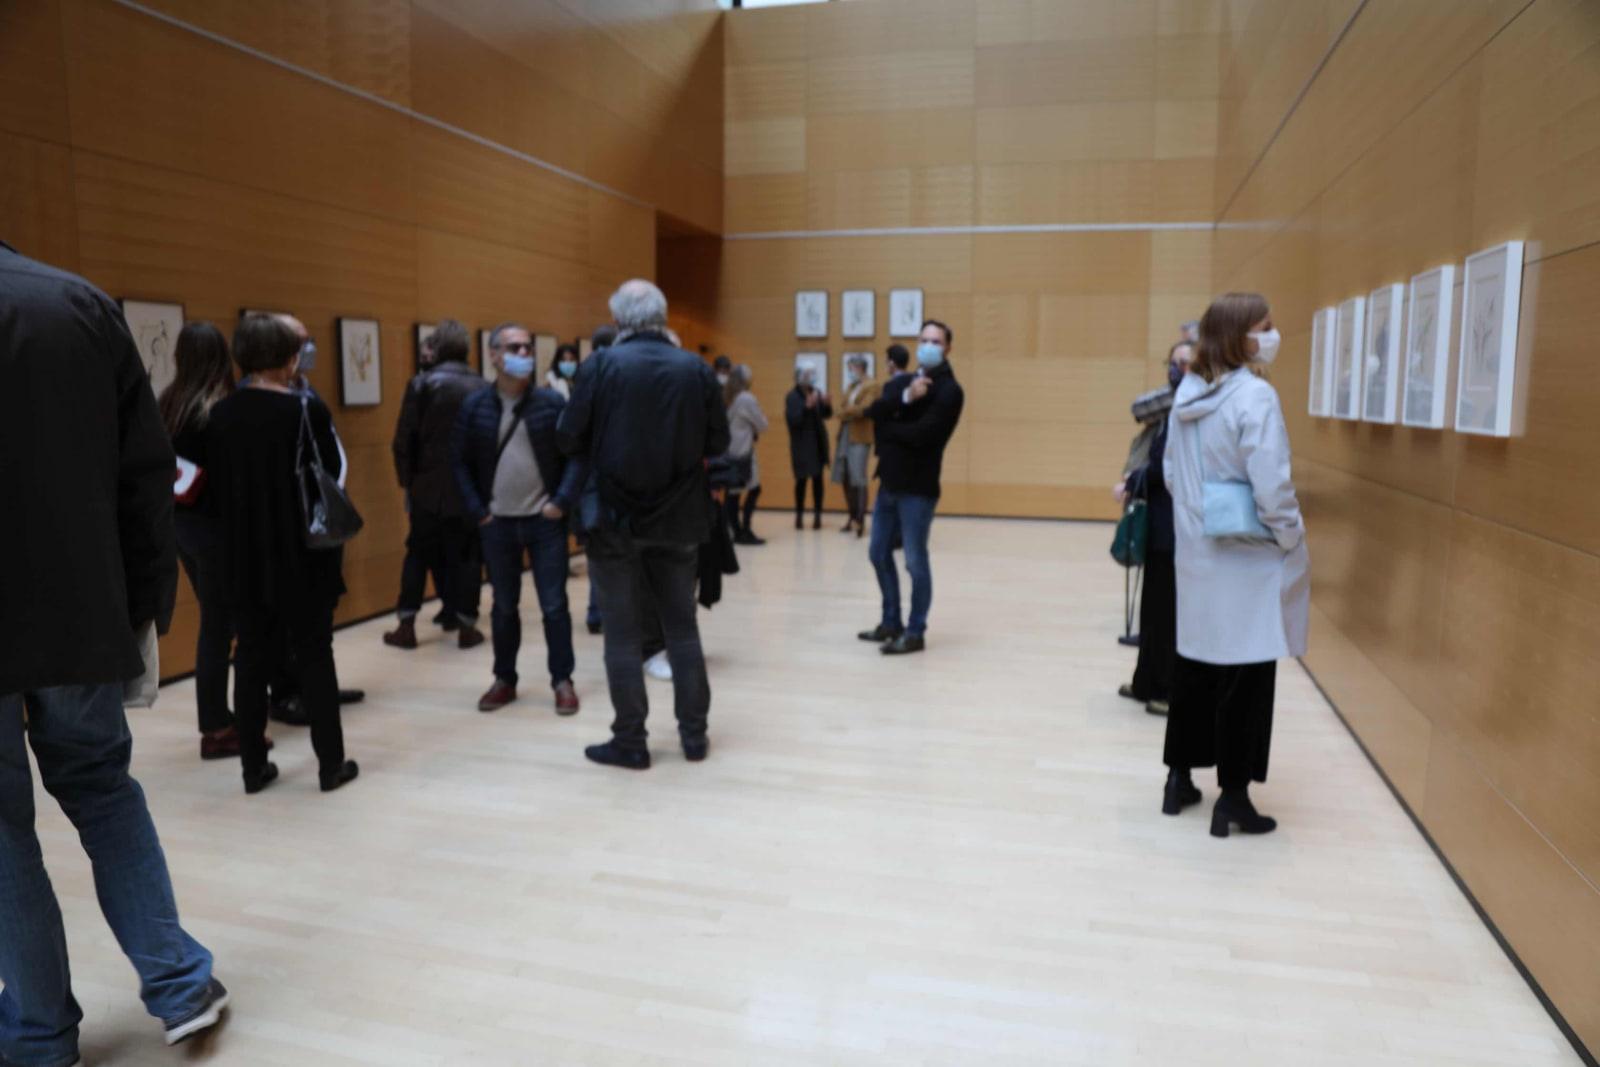 Vernissage_opening_Bert_Theis_artcube_luxembourg_chambre_de_commerce_erna_hecey_octobre_2020